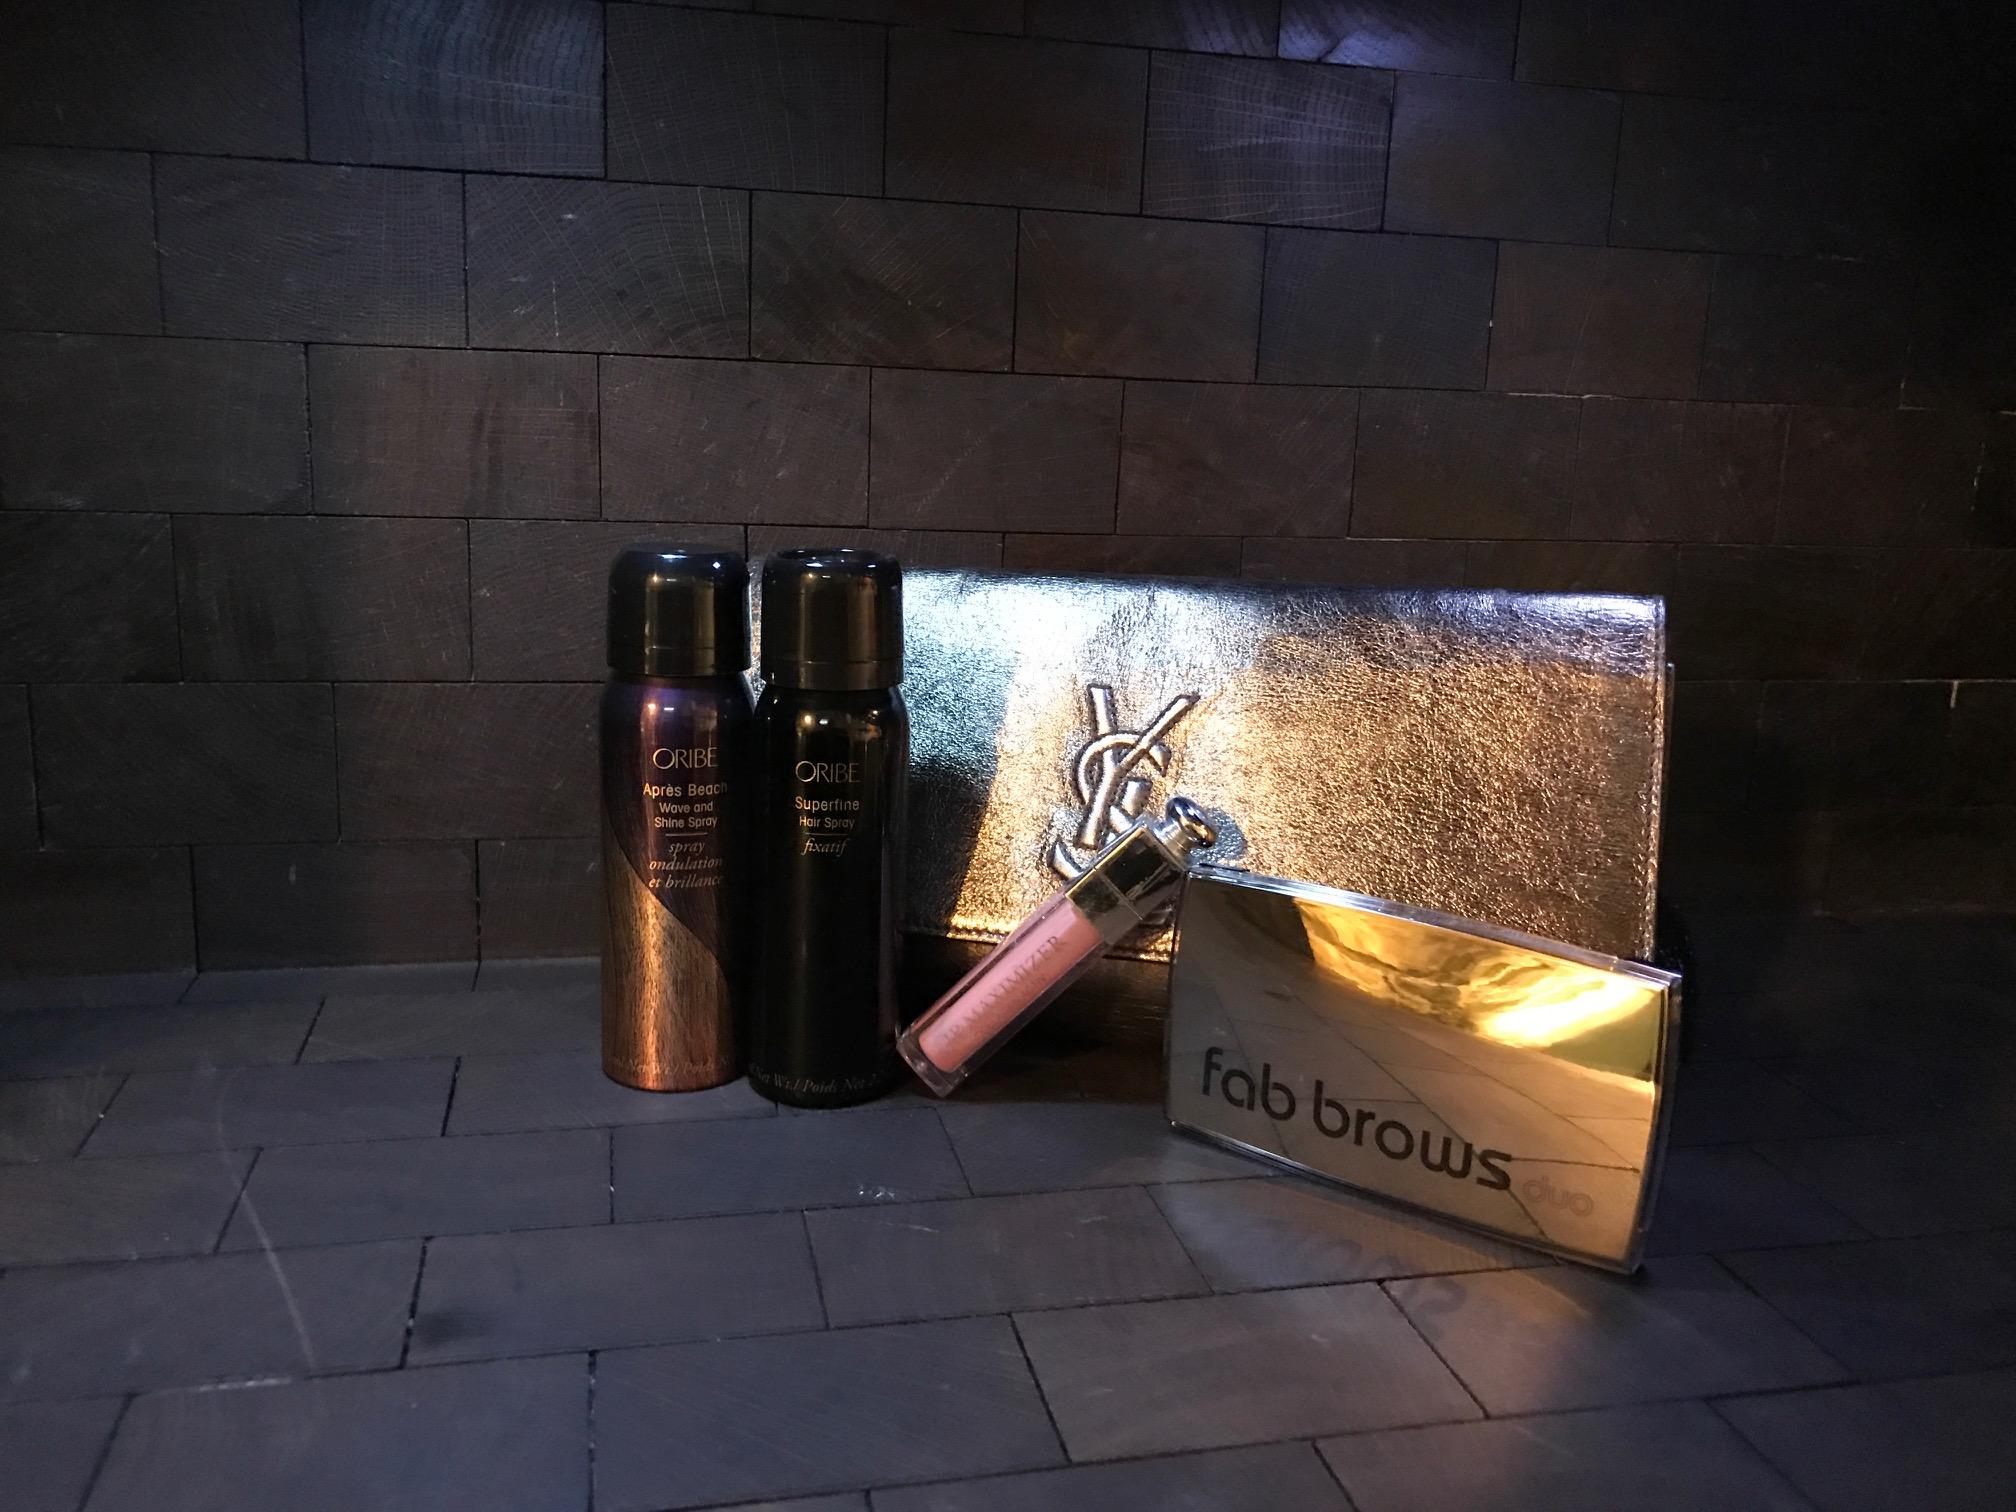 Oribe Apres Beach Wavw and Shine Spray, Oribe Superfine Hair Spray, Fab brows bryns palette. Veske lånt fra MA Vintage.